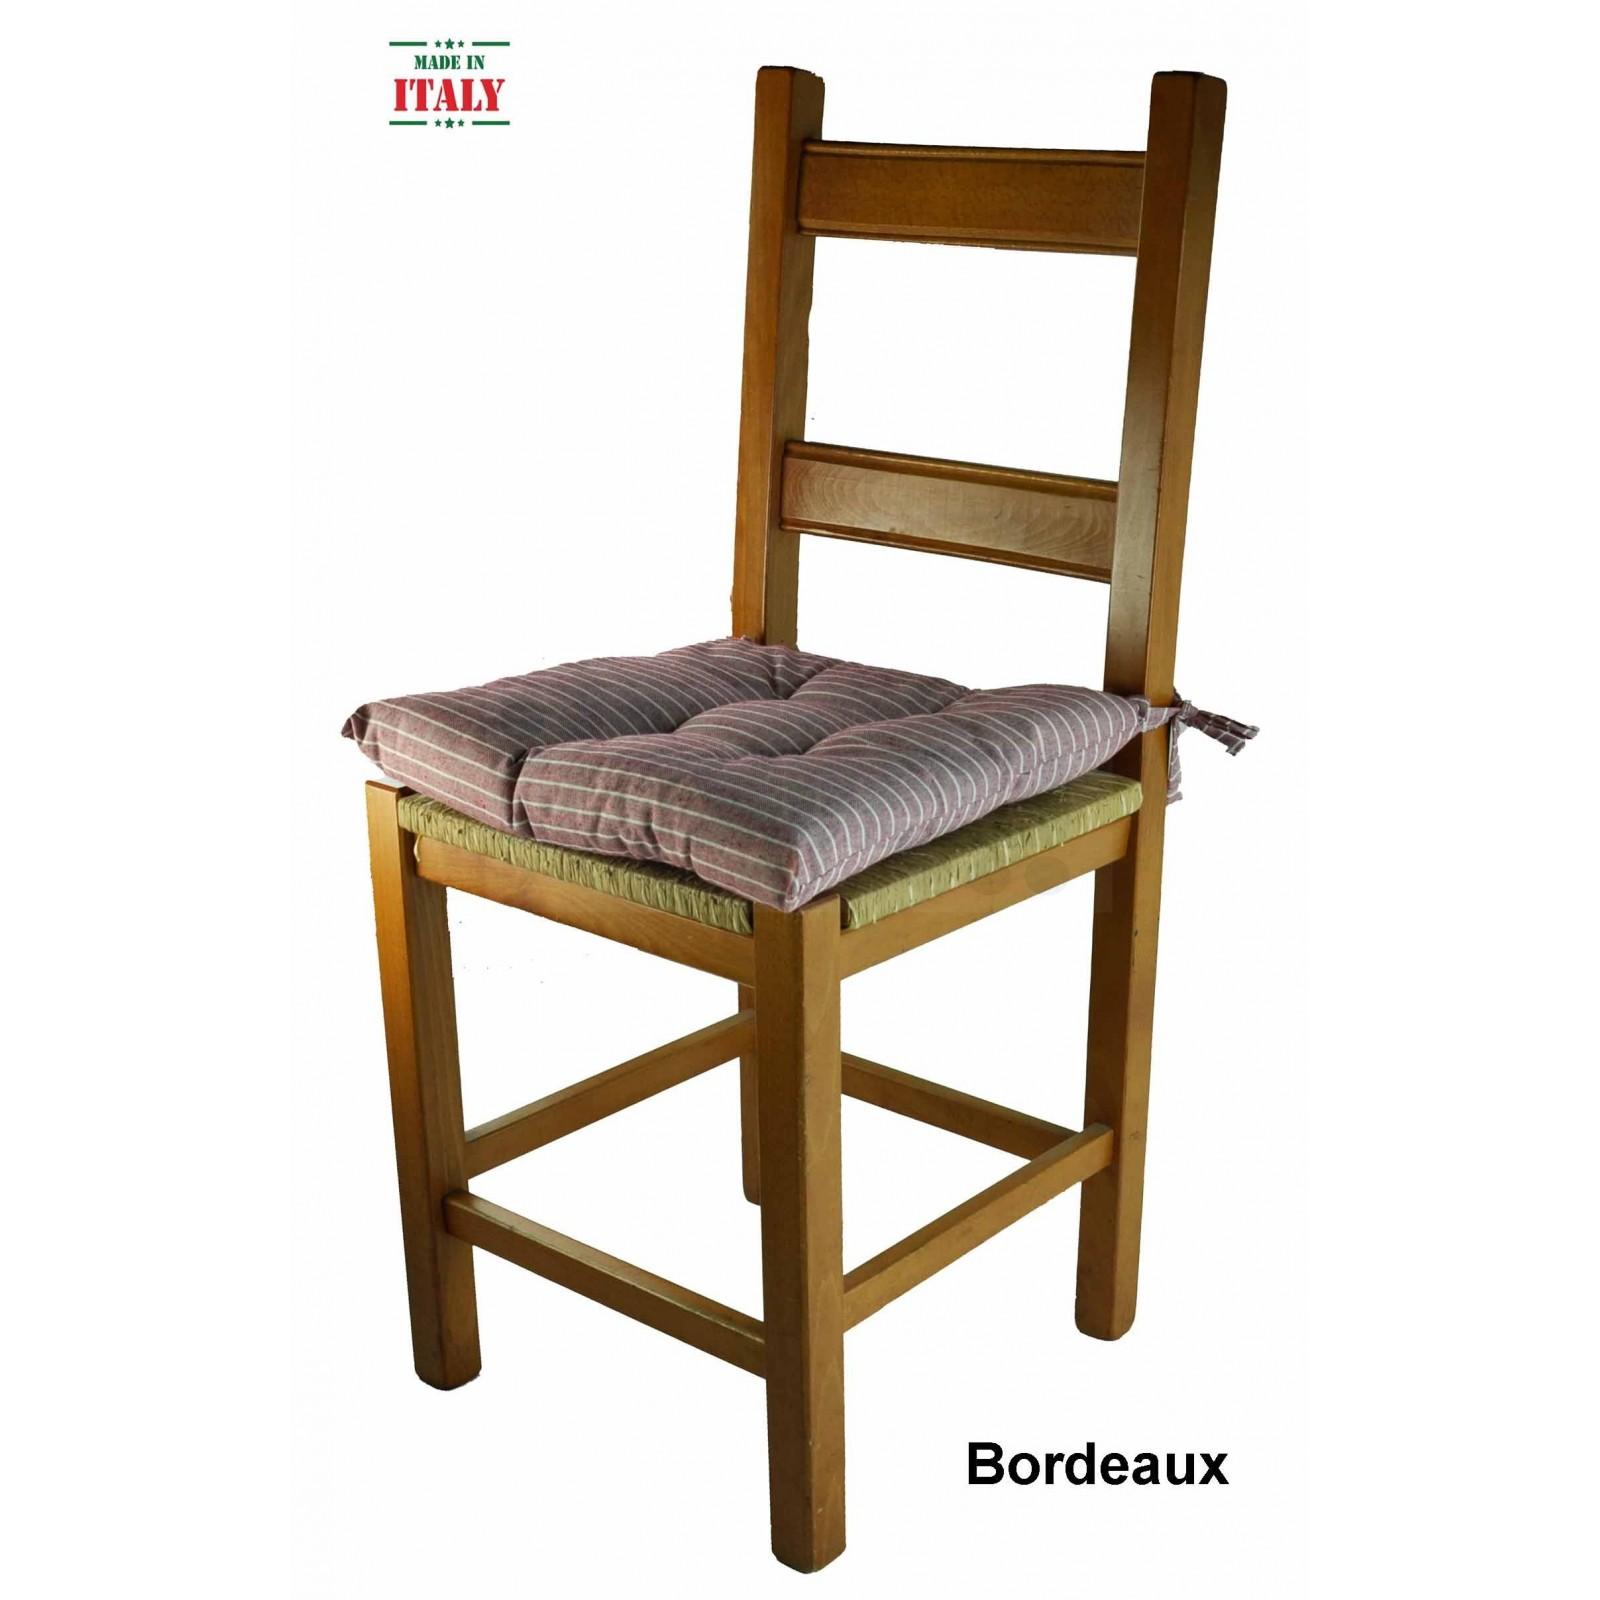 Cuscino per sedia morbidone 40x40 cm rigato casa tessile for Cuscini x sedia